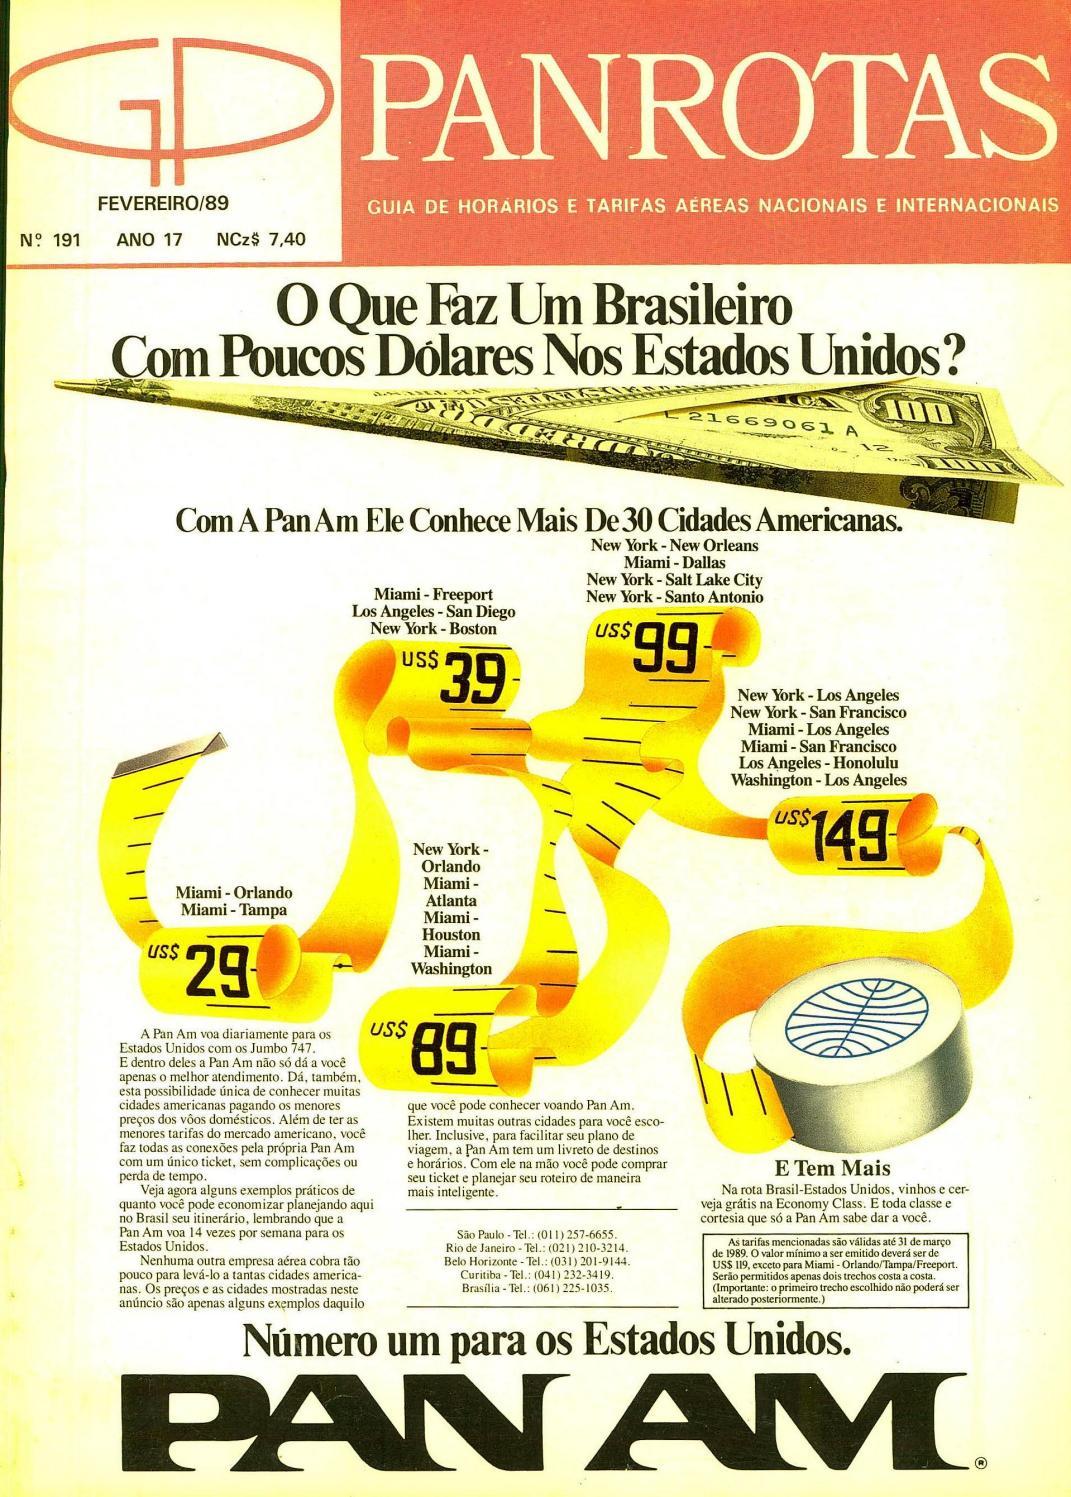 97a026e39ddcb Guia PANROTAS - Edição 191 - Fevereiro 1989 by PANROTAS Editora - issuu